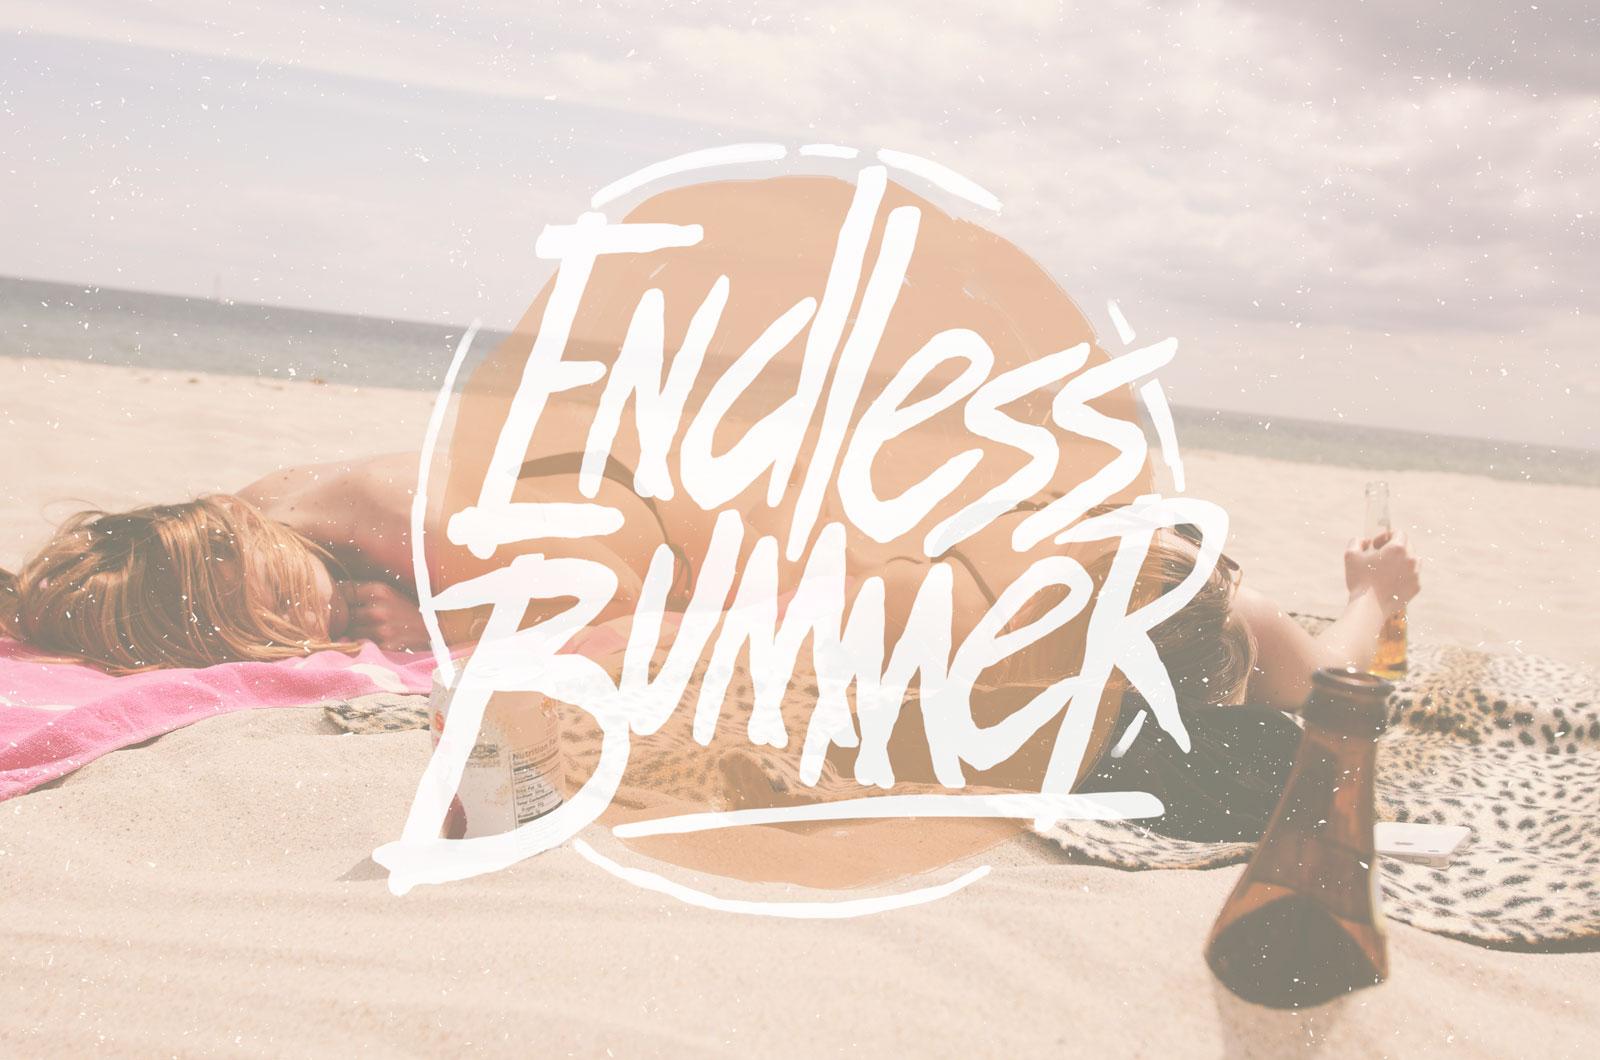 ENDLESS_BUMMER_MARK